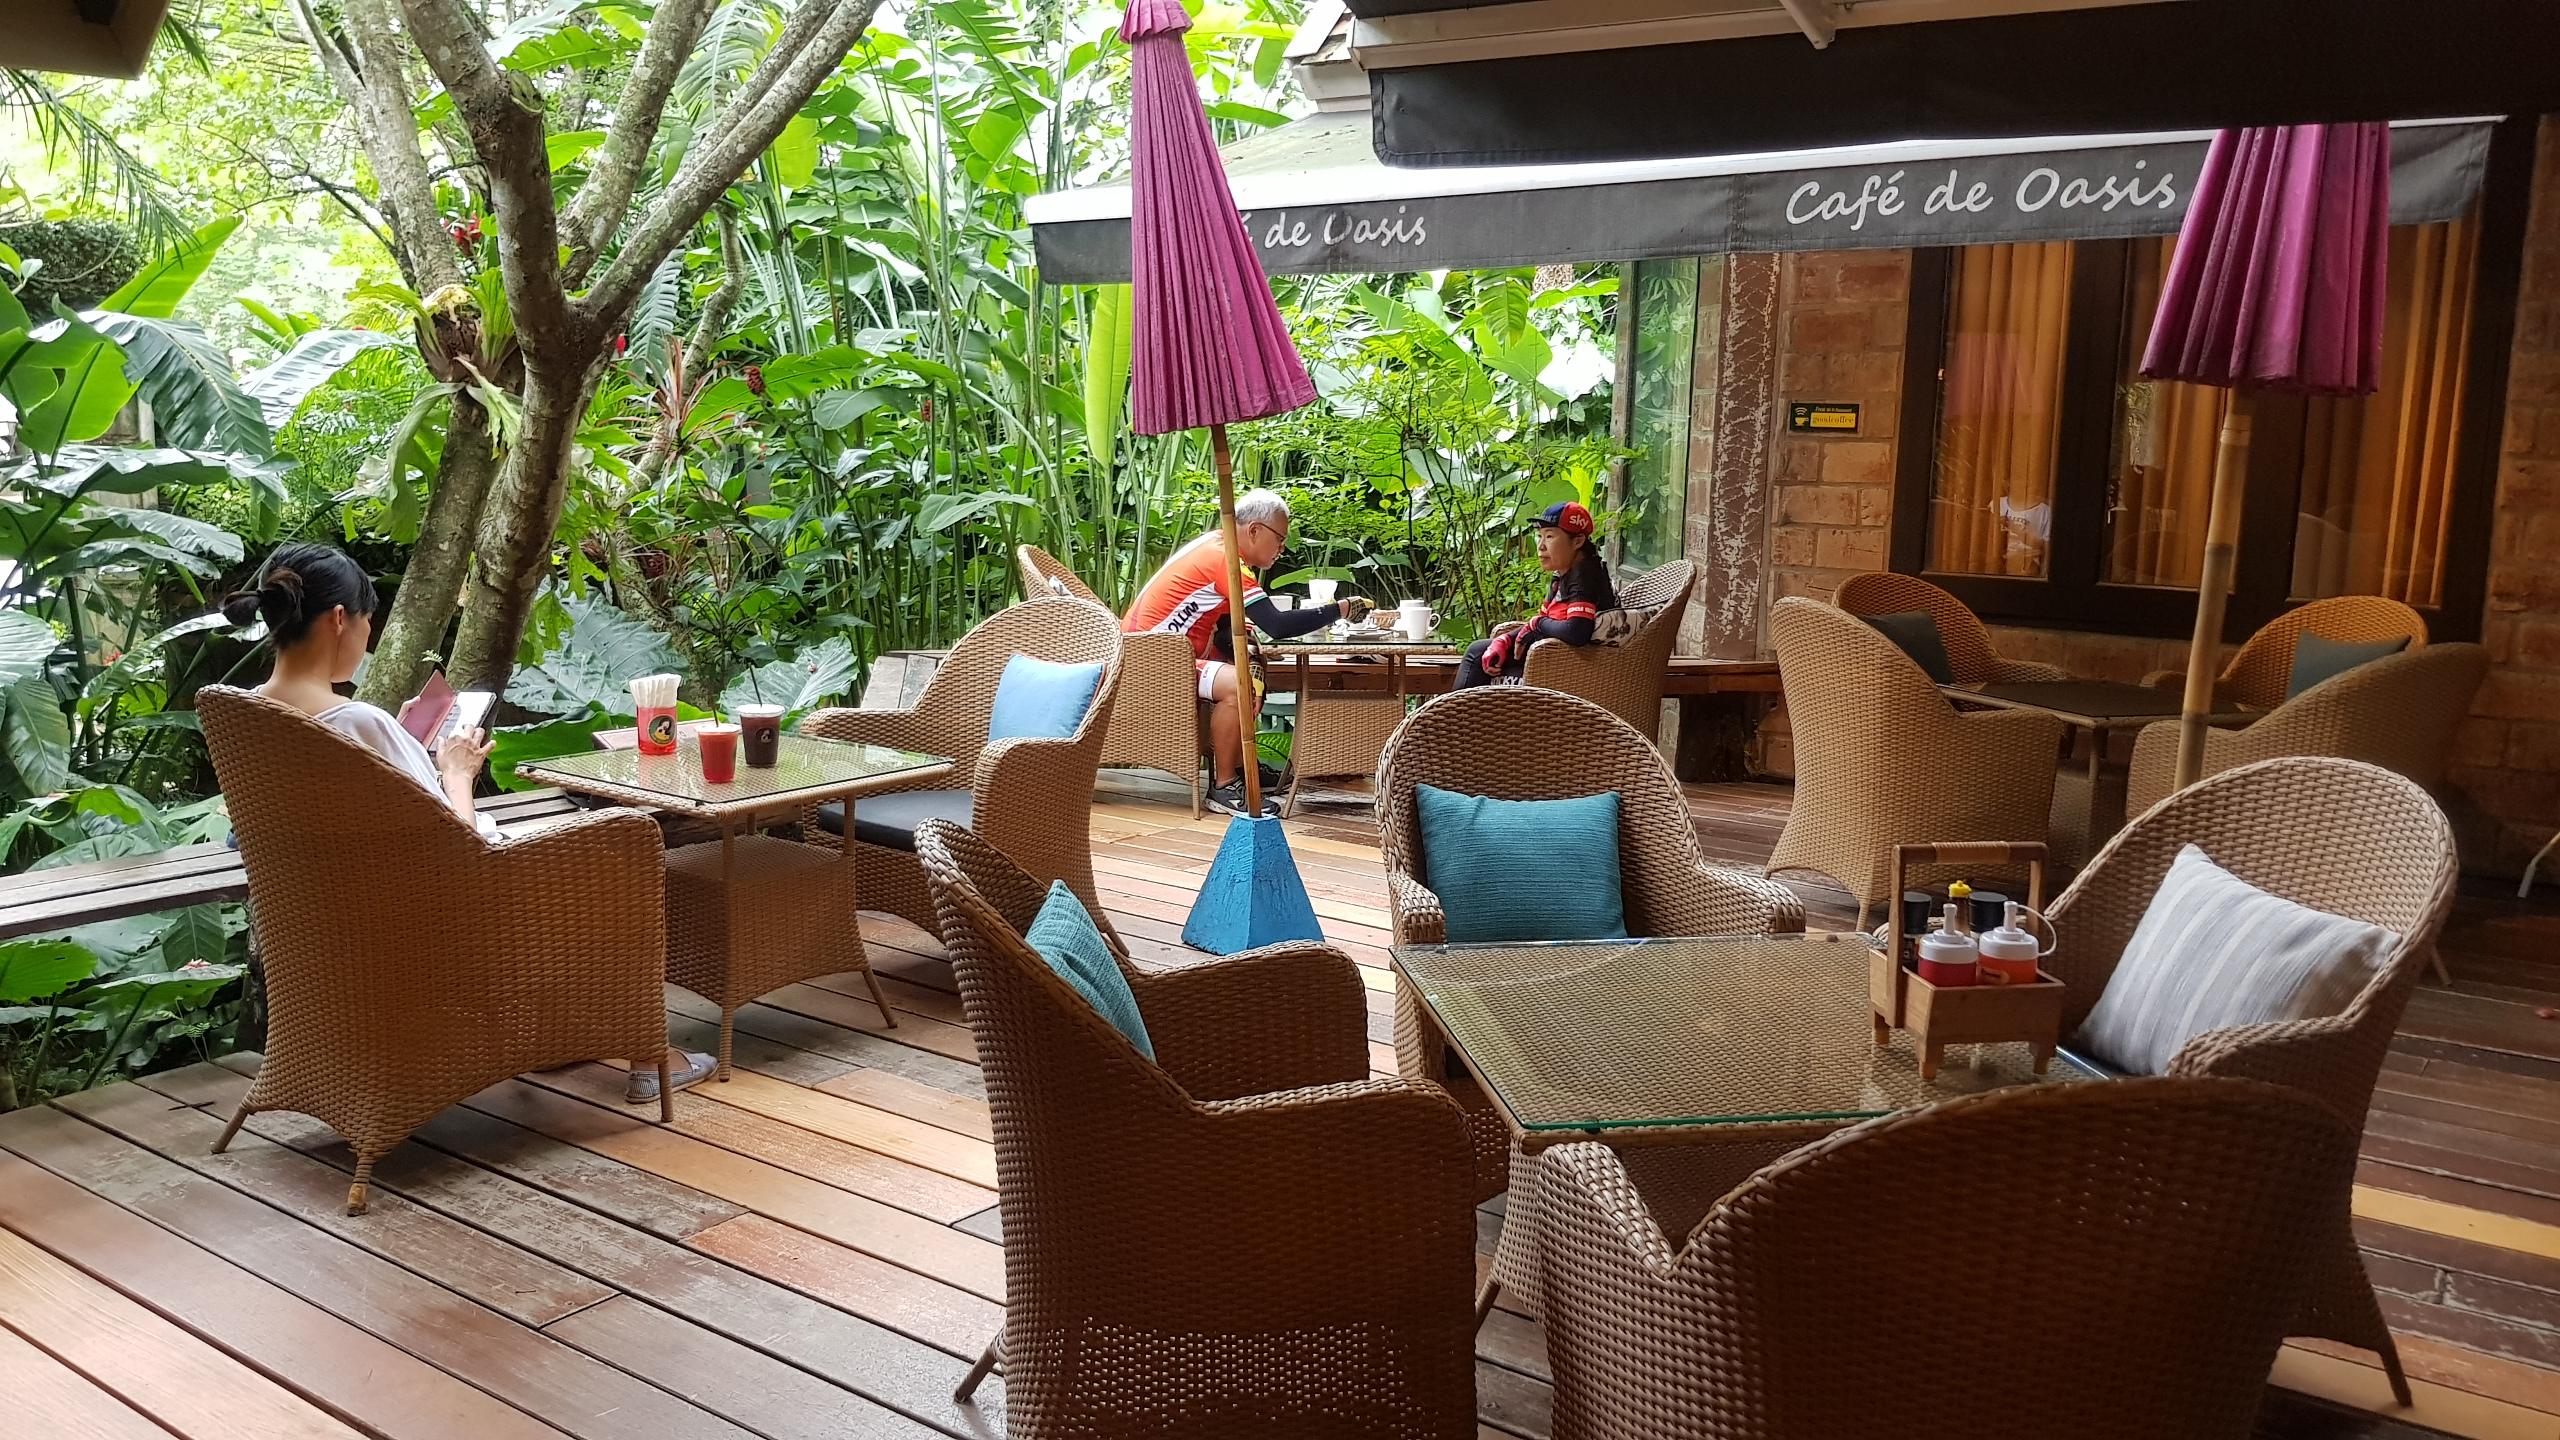 บรรยากาศโซนเอ้าท์ดอร์ @ Café de Oasis เชียงใหม่